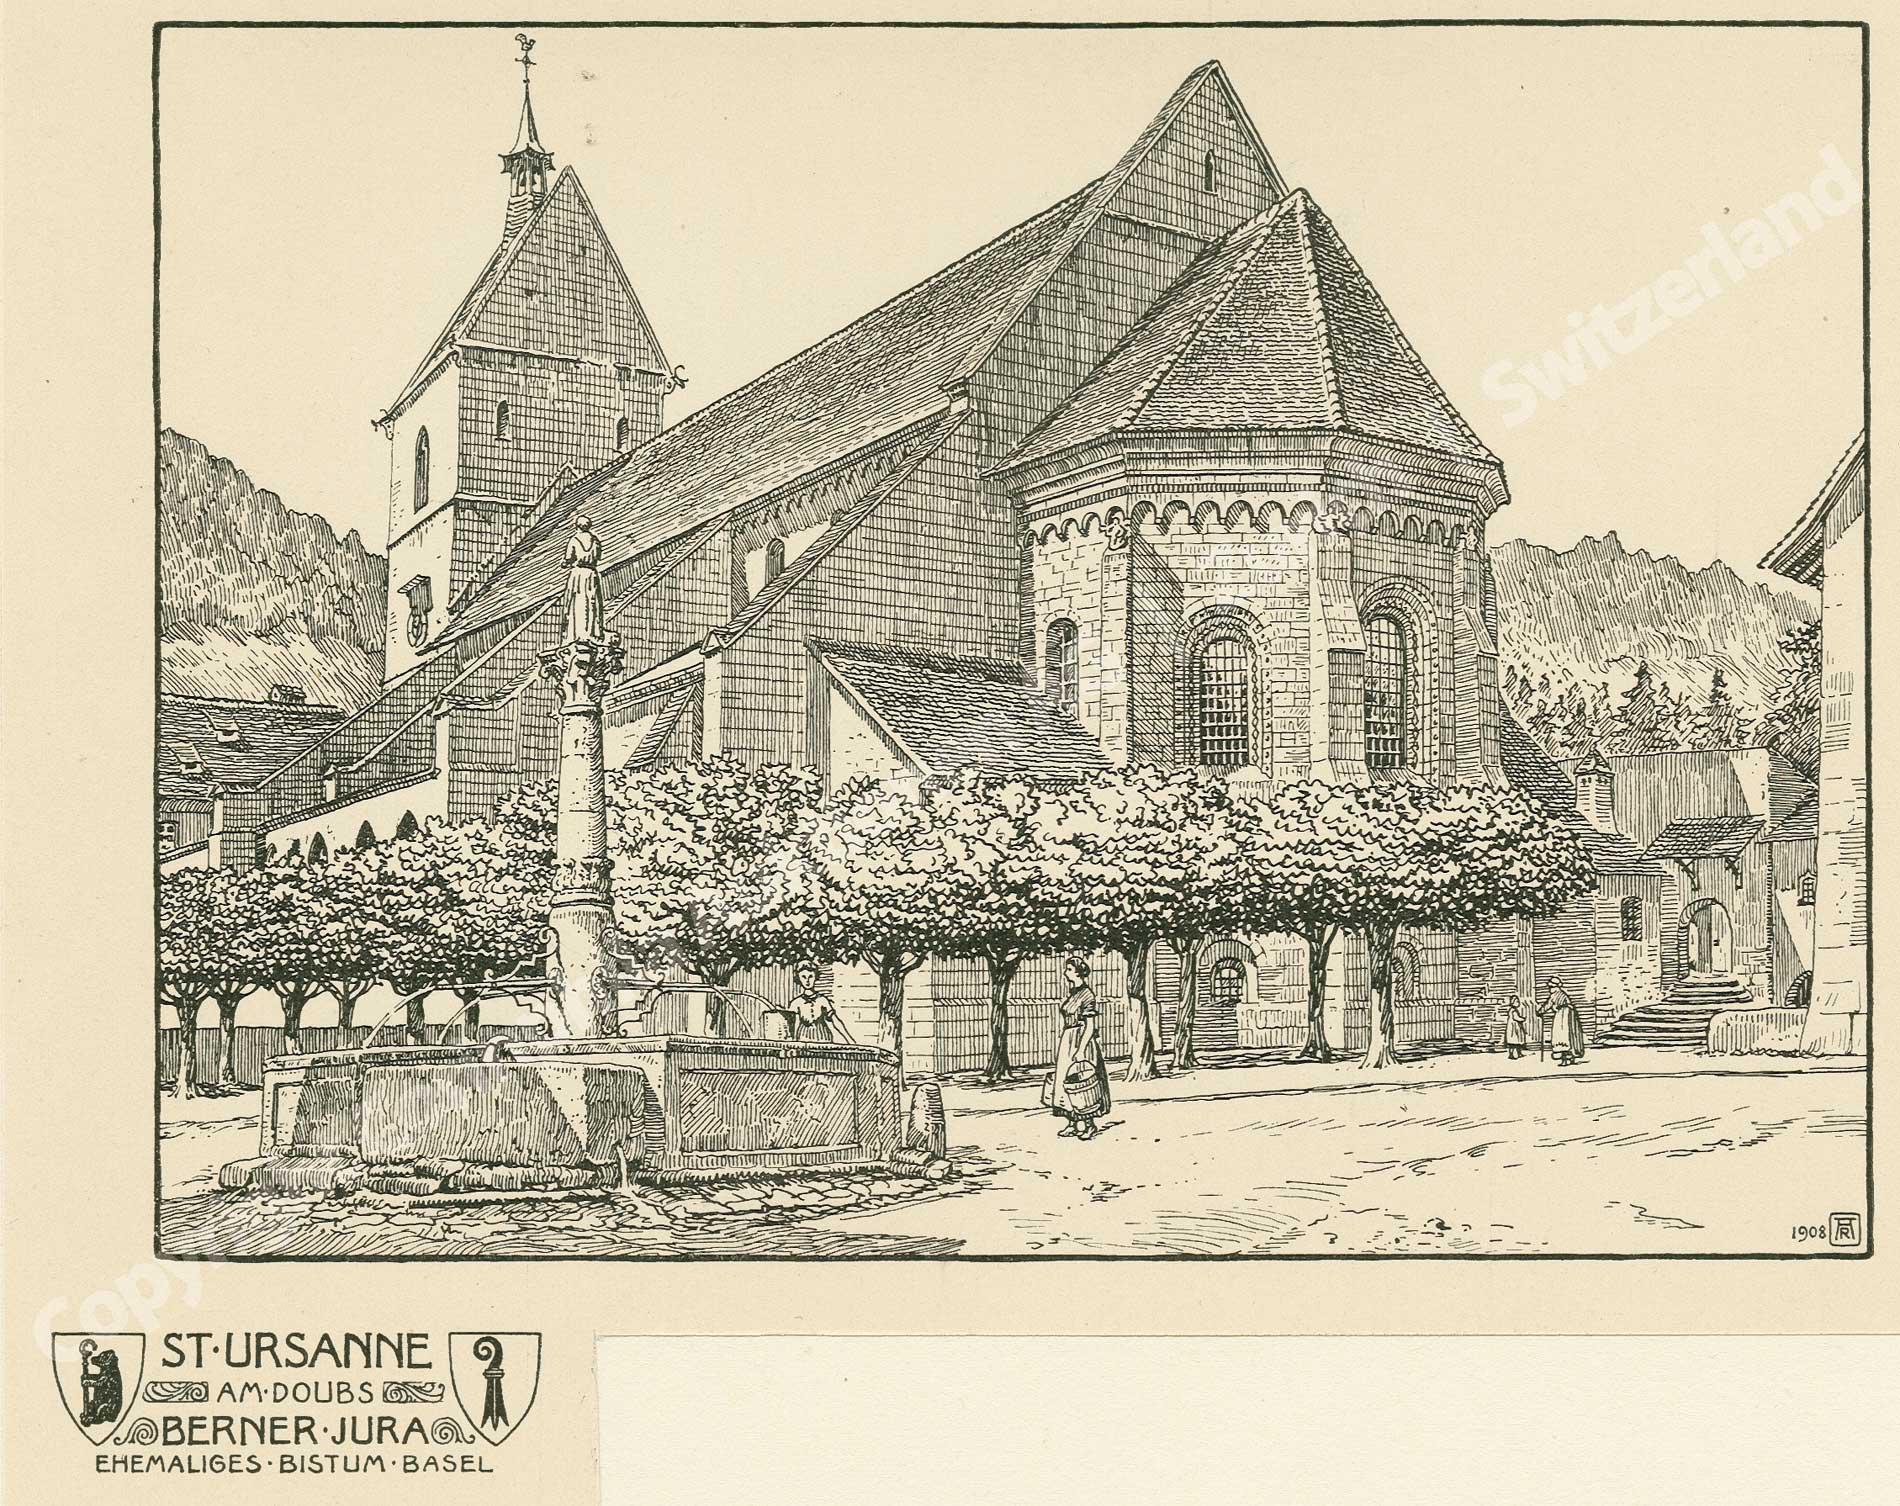 St. Ursanne